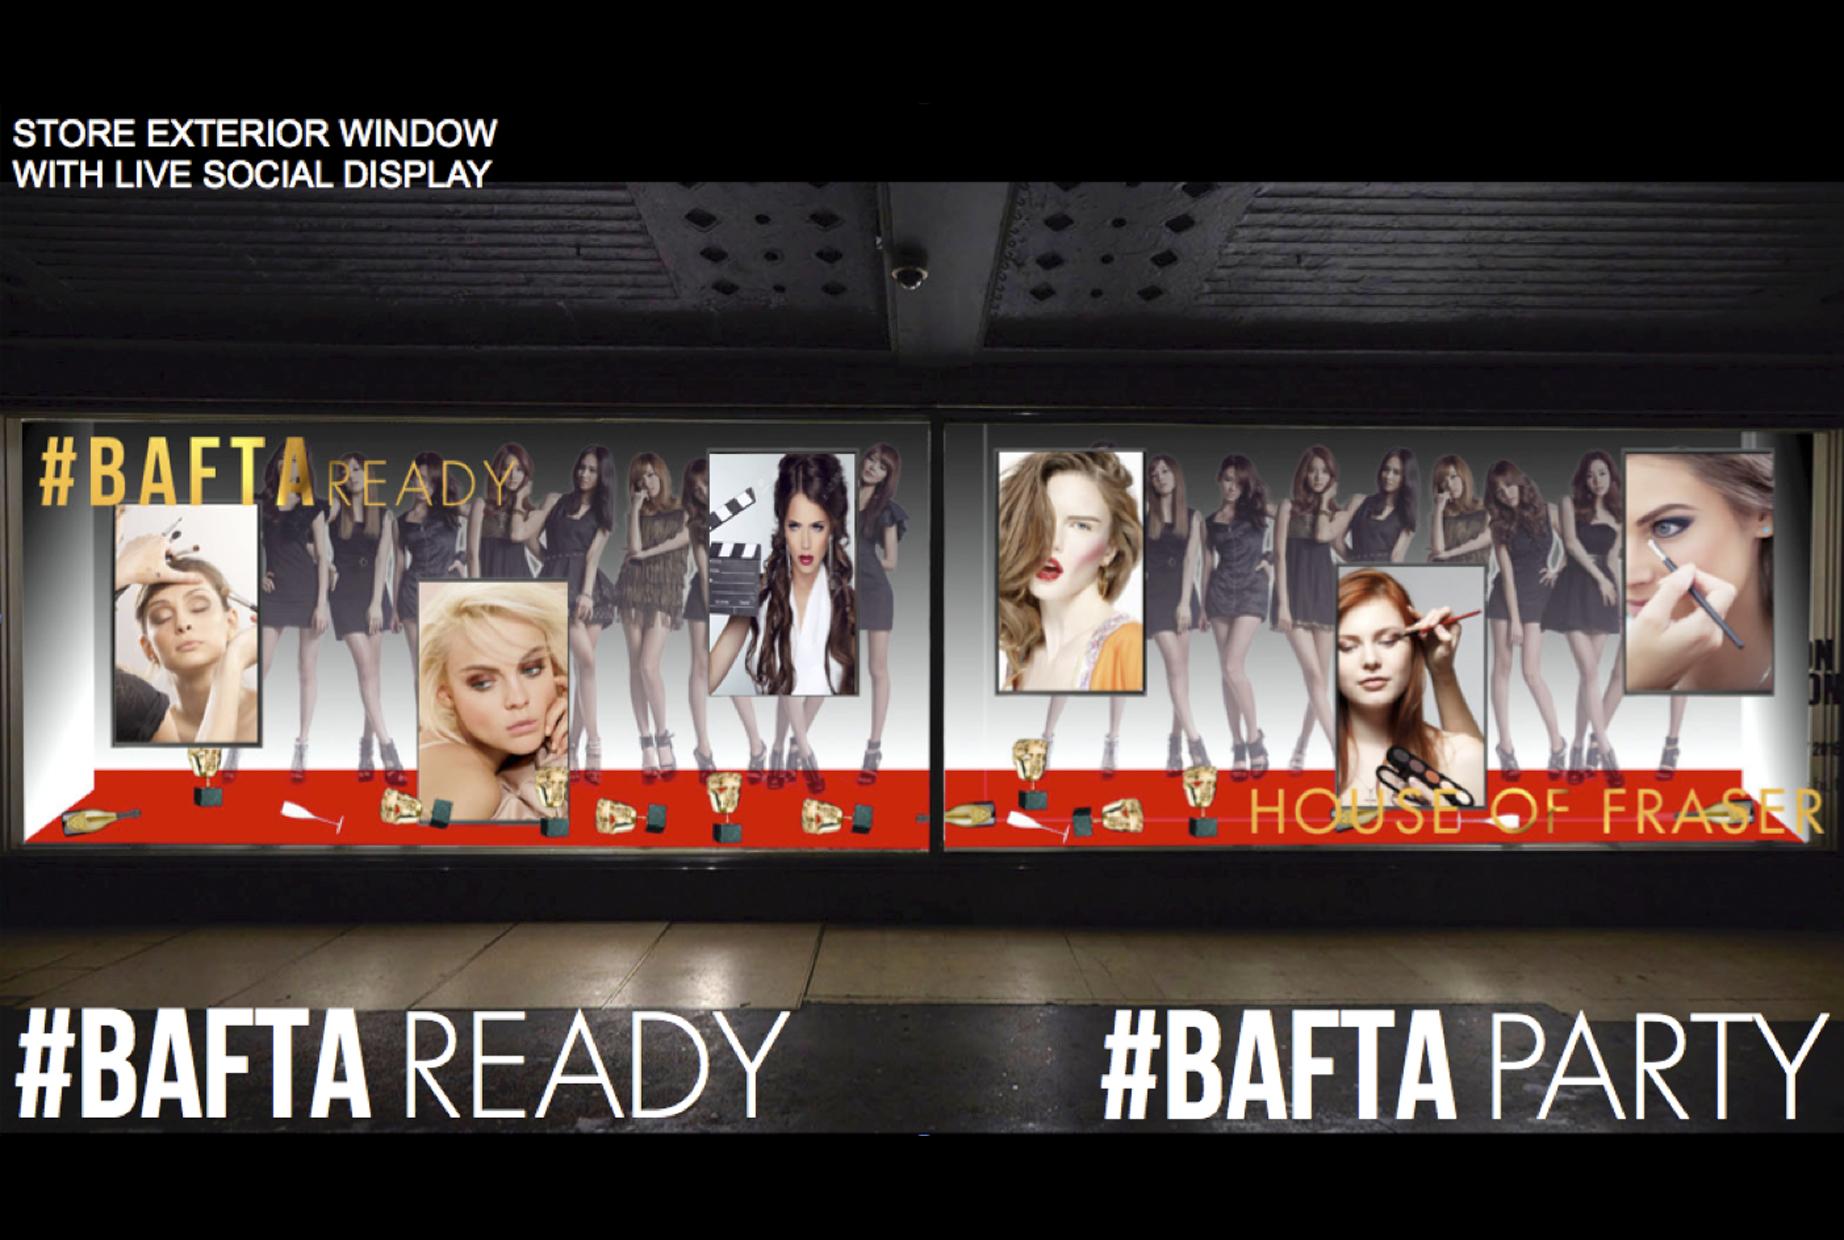 BAFTA cad.jpg